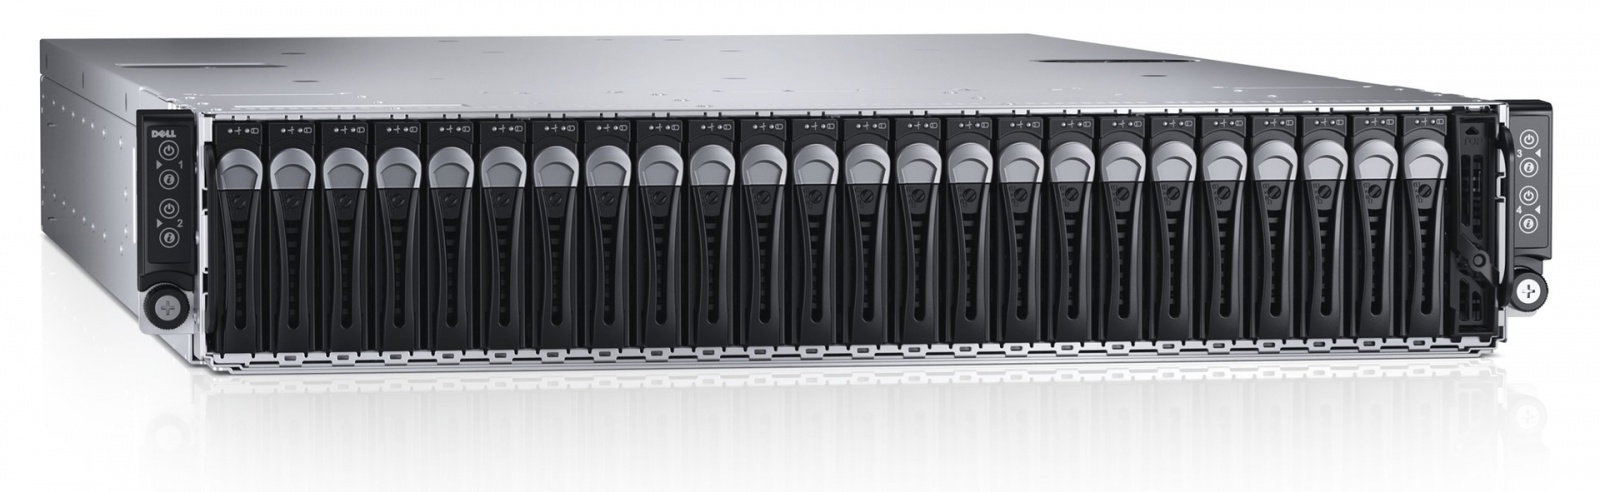 Десятка топовых серверов и обновлений 2015-го года - 2